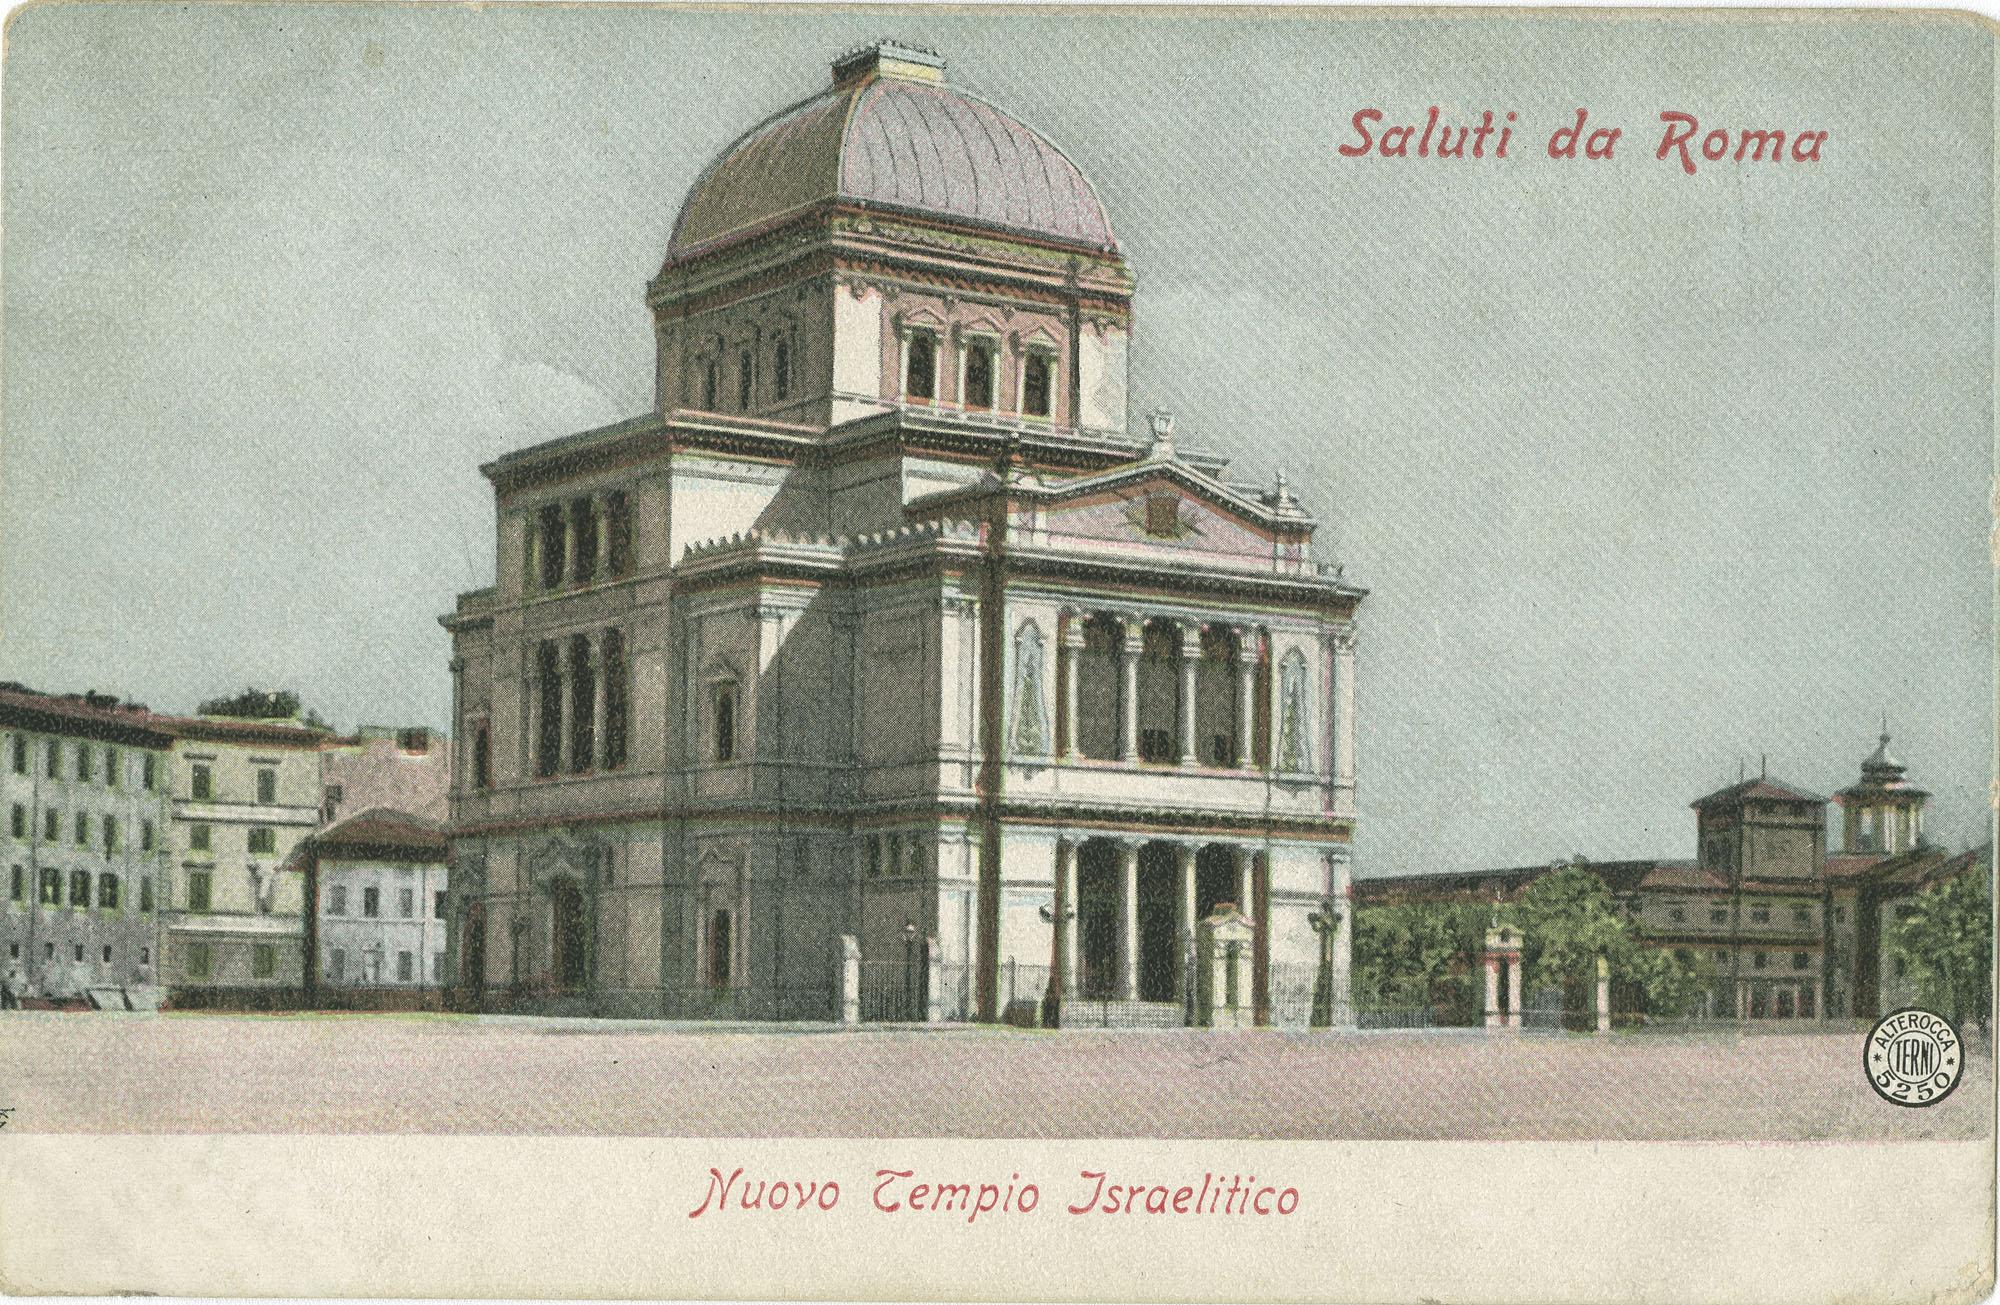 Nuovo Tempio Israelitico